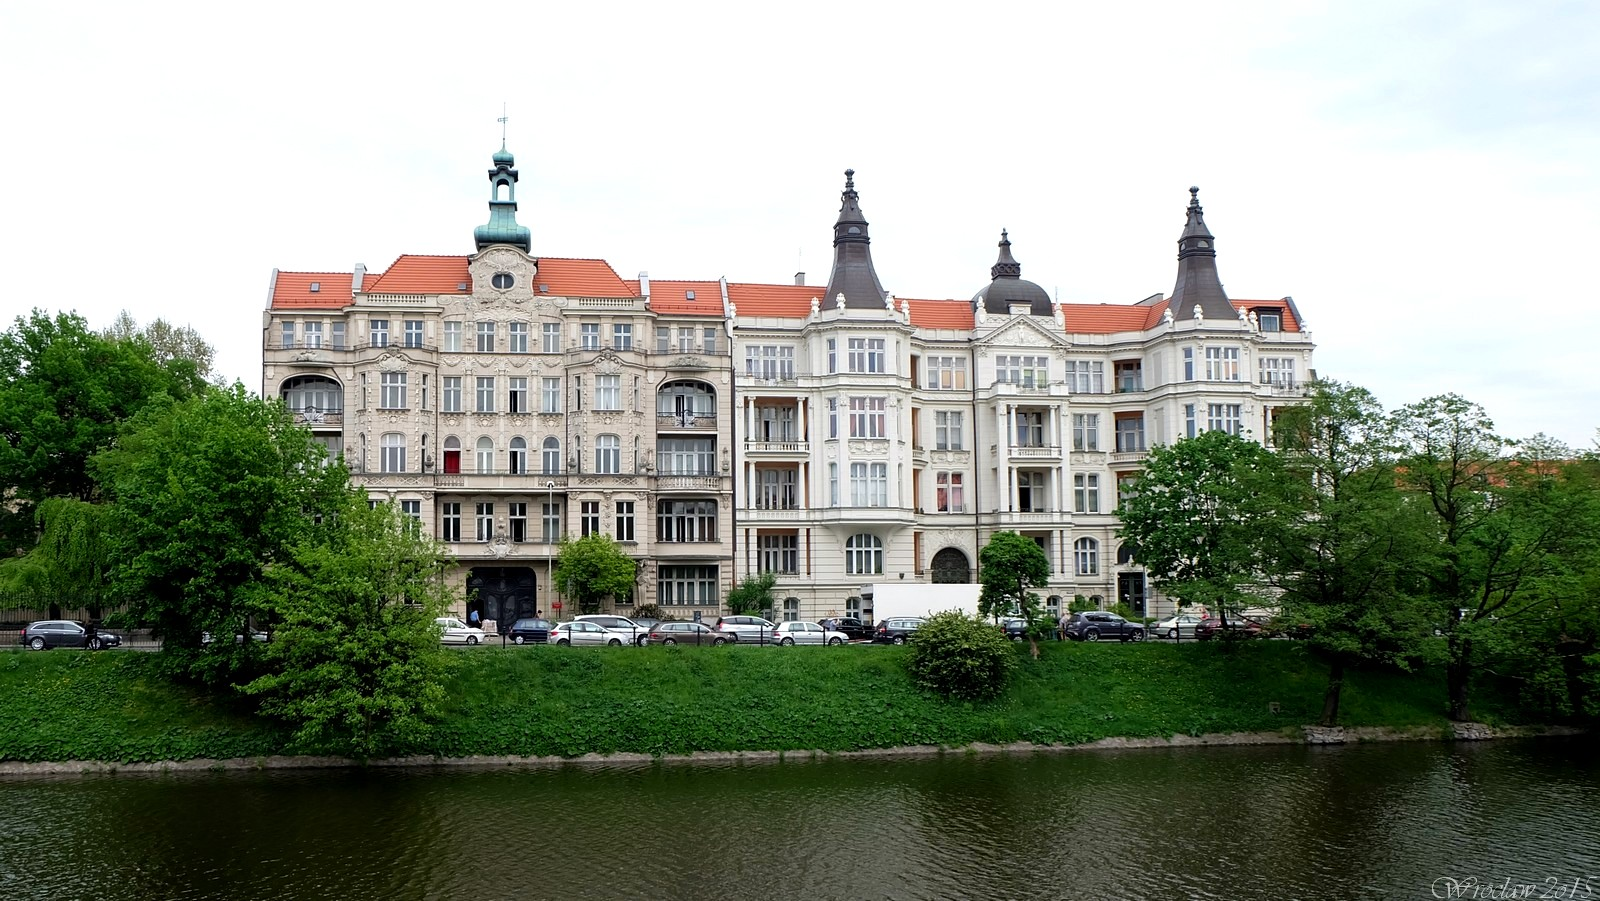 Podwale, Wroclaw, Poland